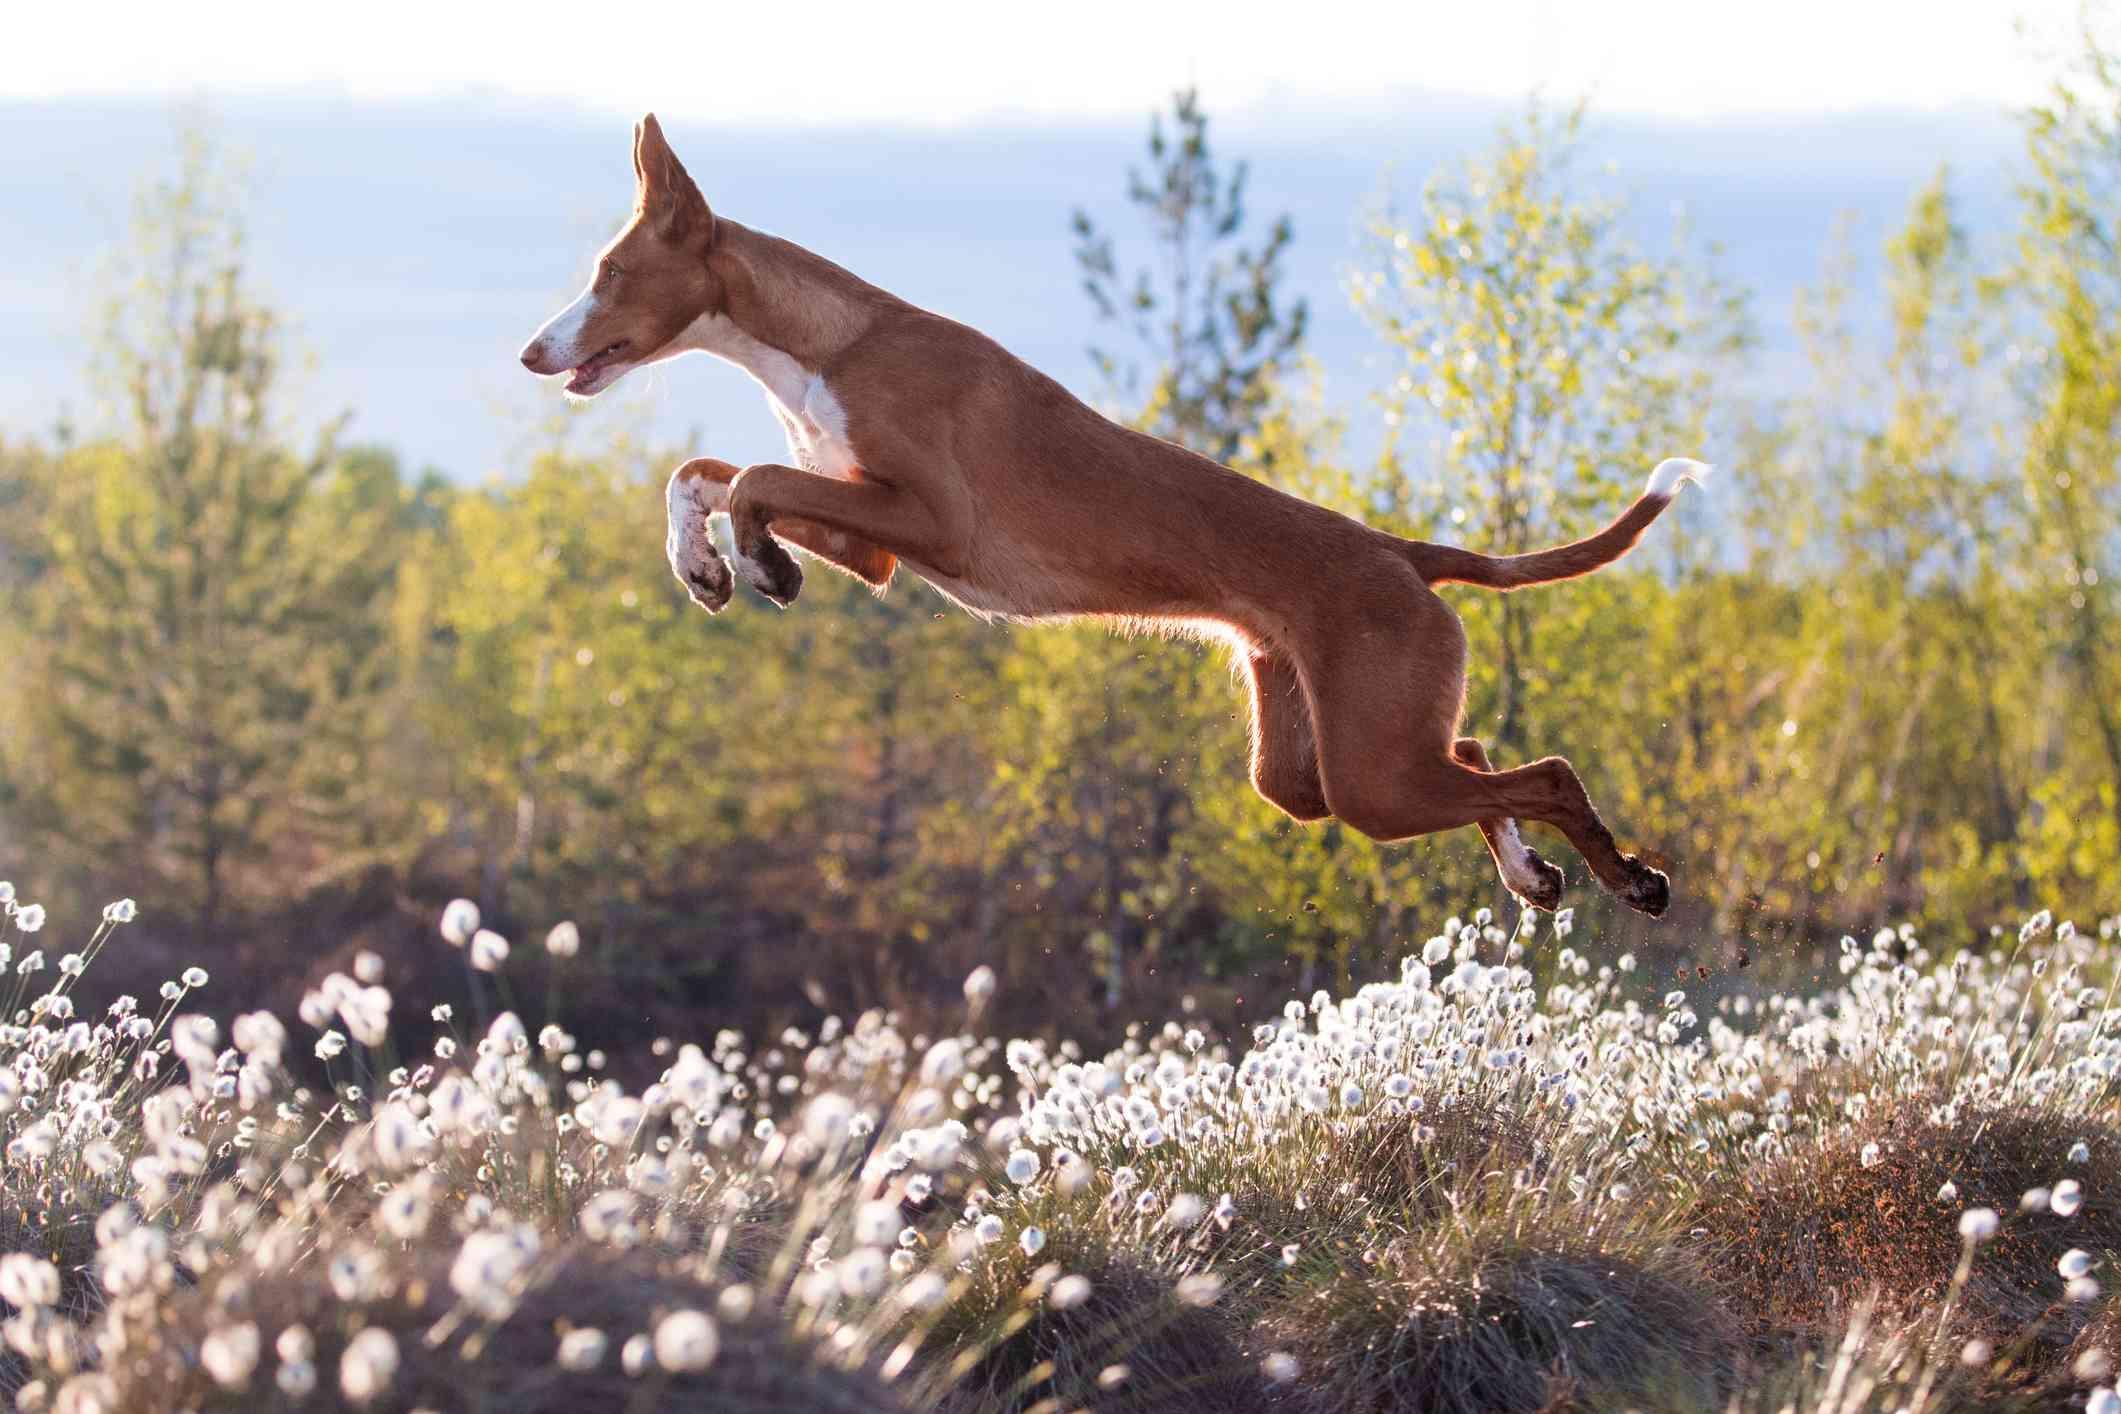 Ibizan Hound jumping through a meadow